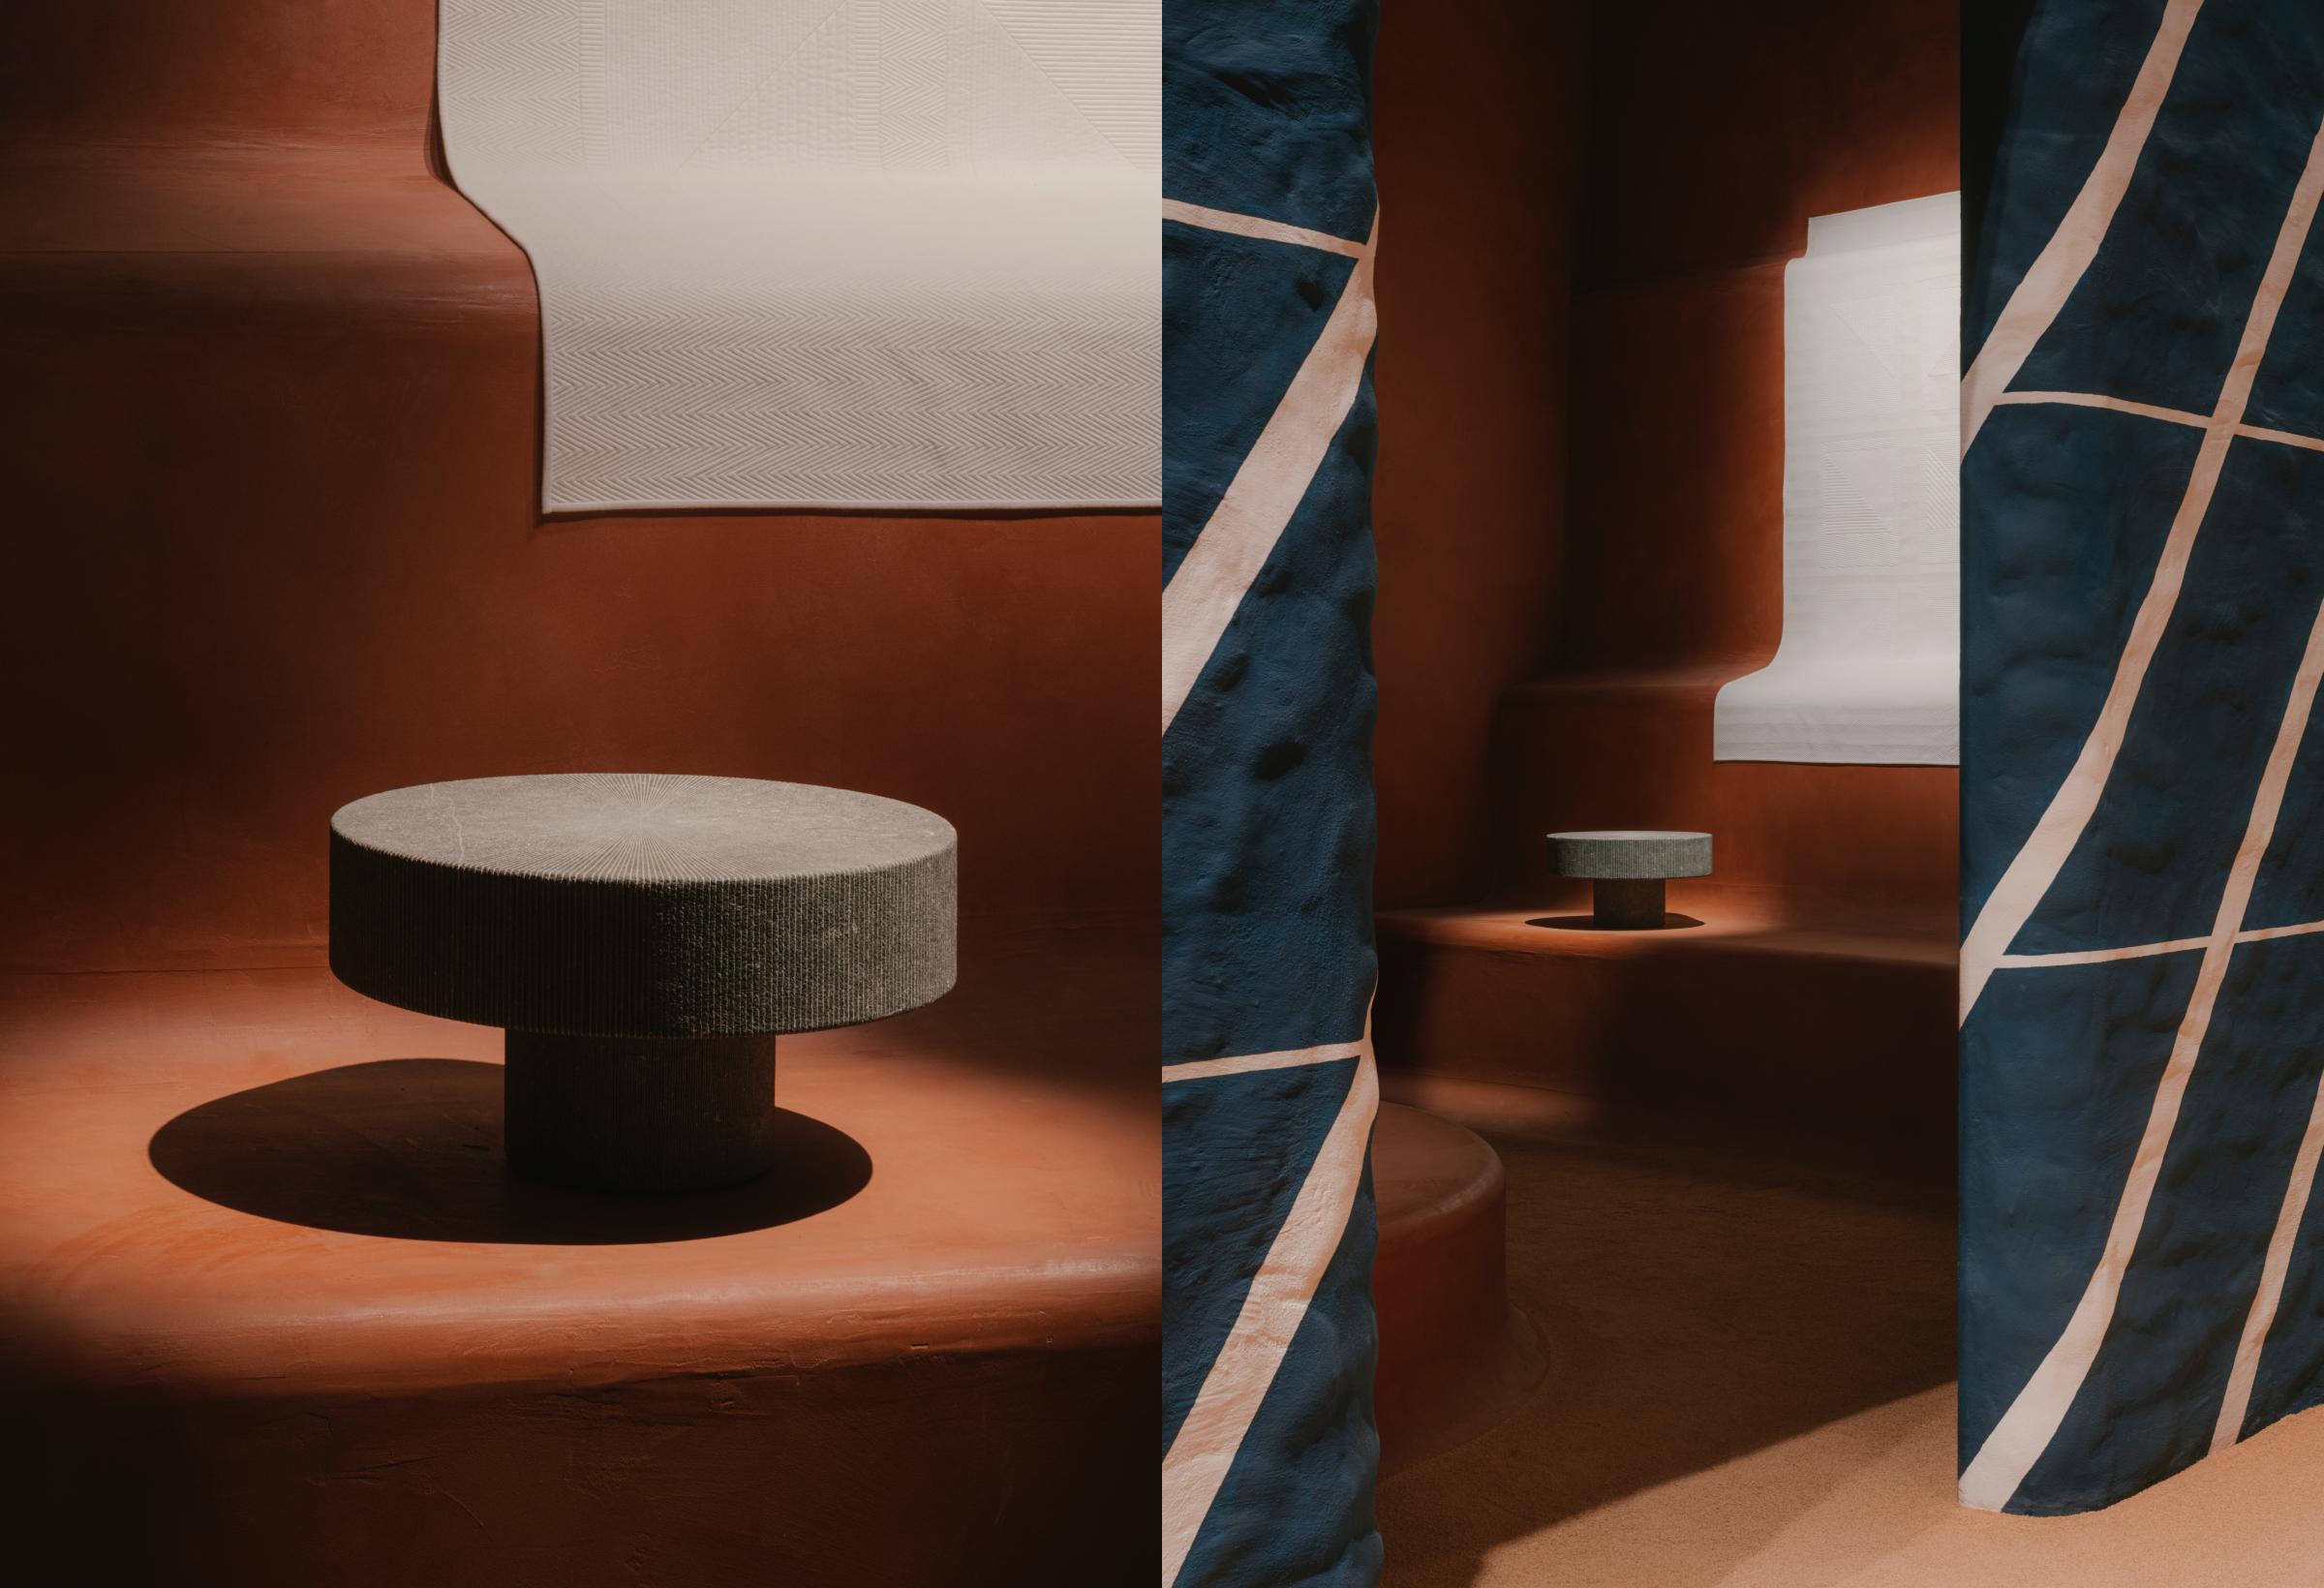 Bàn đá xanh Lignage d'Hermès đến từ Hainaut, Bỉ, được thiết kế bởi Studio Mumbai. Thiết kế kể về cuộc gặp gỡ giữa những nguyên liệu thô mộc và kỹ nghệ chế tác tinh tế. Vật liệu tạo nên chiếc bàn ban đầu có màu đen tuyền, sau đó dần chuyển sang sắc trắng trong quá trình khắc từng vạch thẳng nhằm tạo thành bề mặt rực sáng trên nền đá đen.